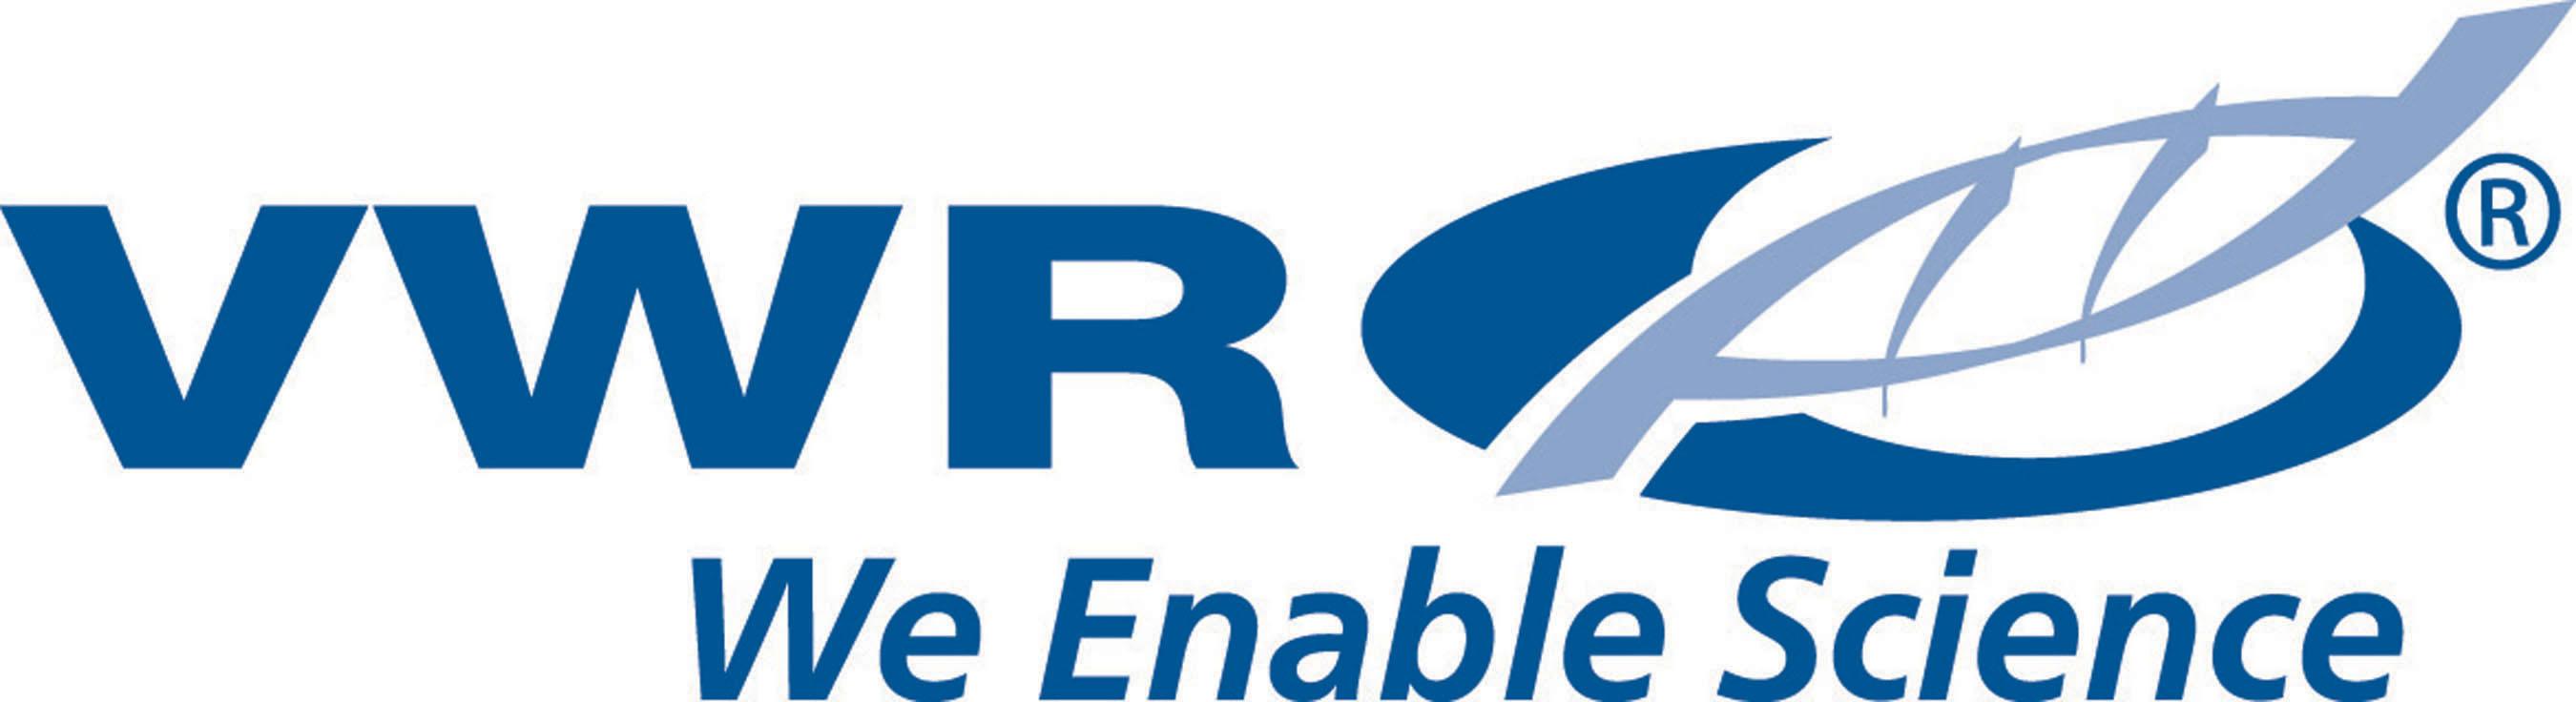 VWR récompense les fournisseurs pour leurs efforts continus envers l'excellence